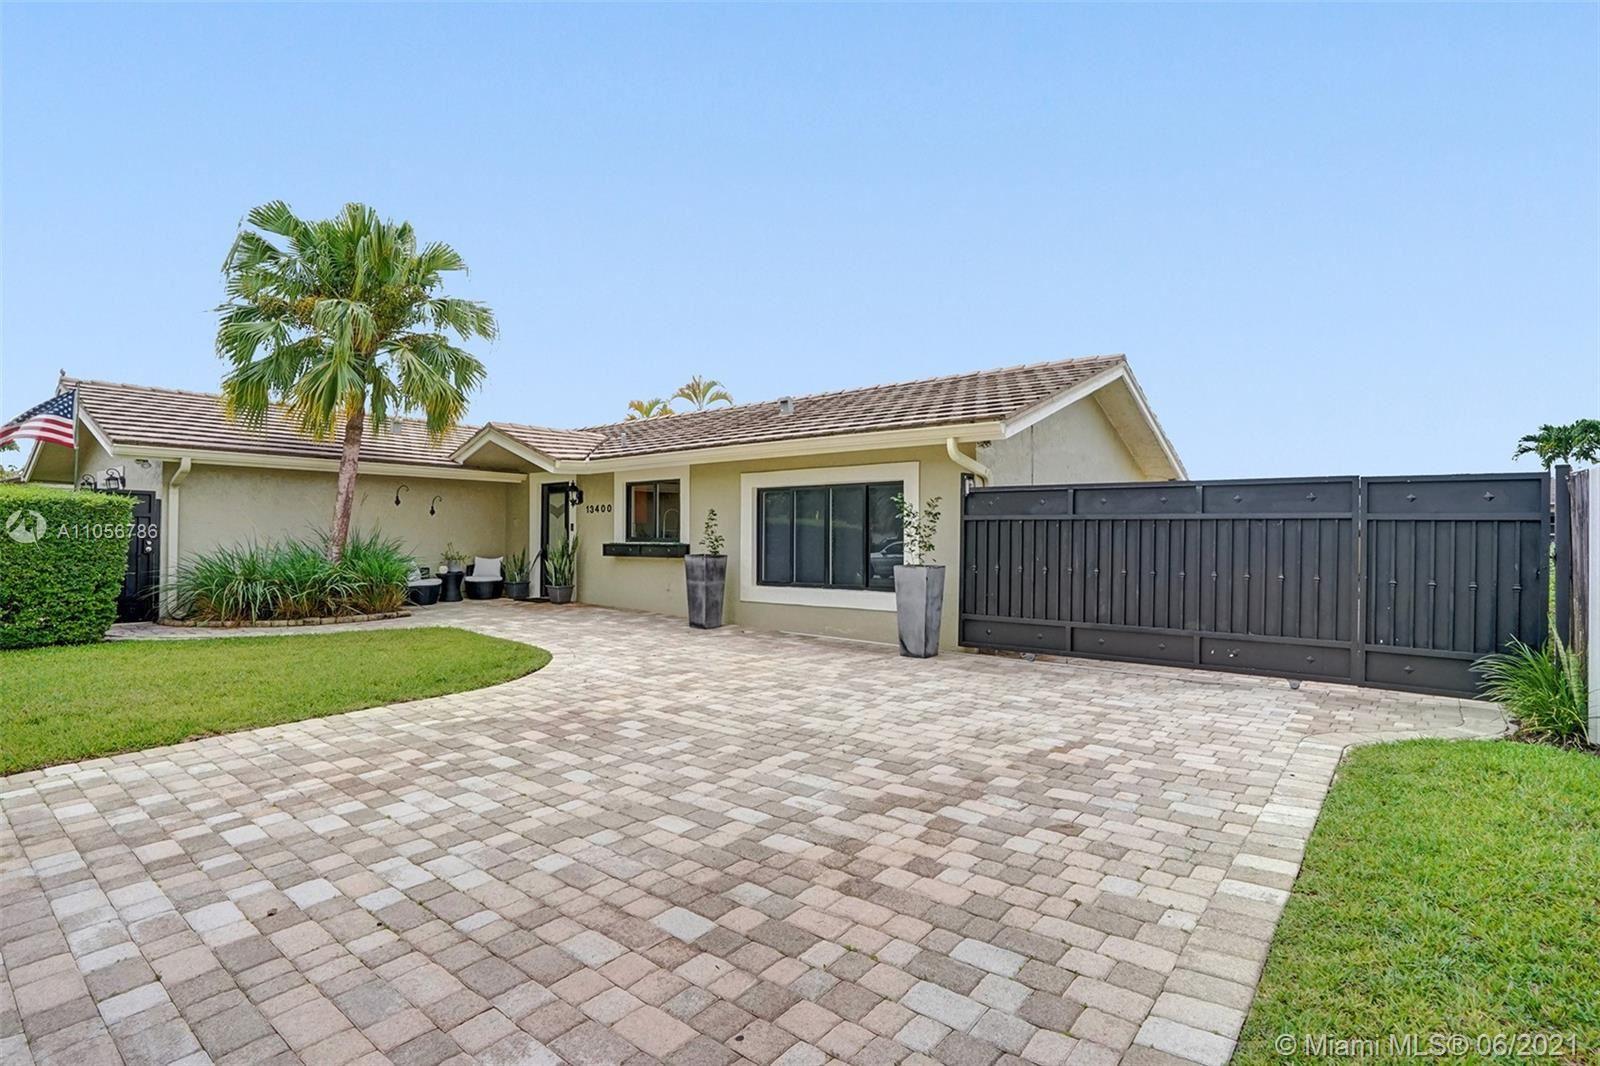 13400 SW 79th St, Miami, FL 33183 - #: A11056786